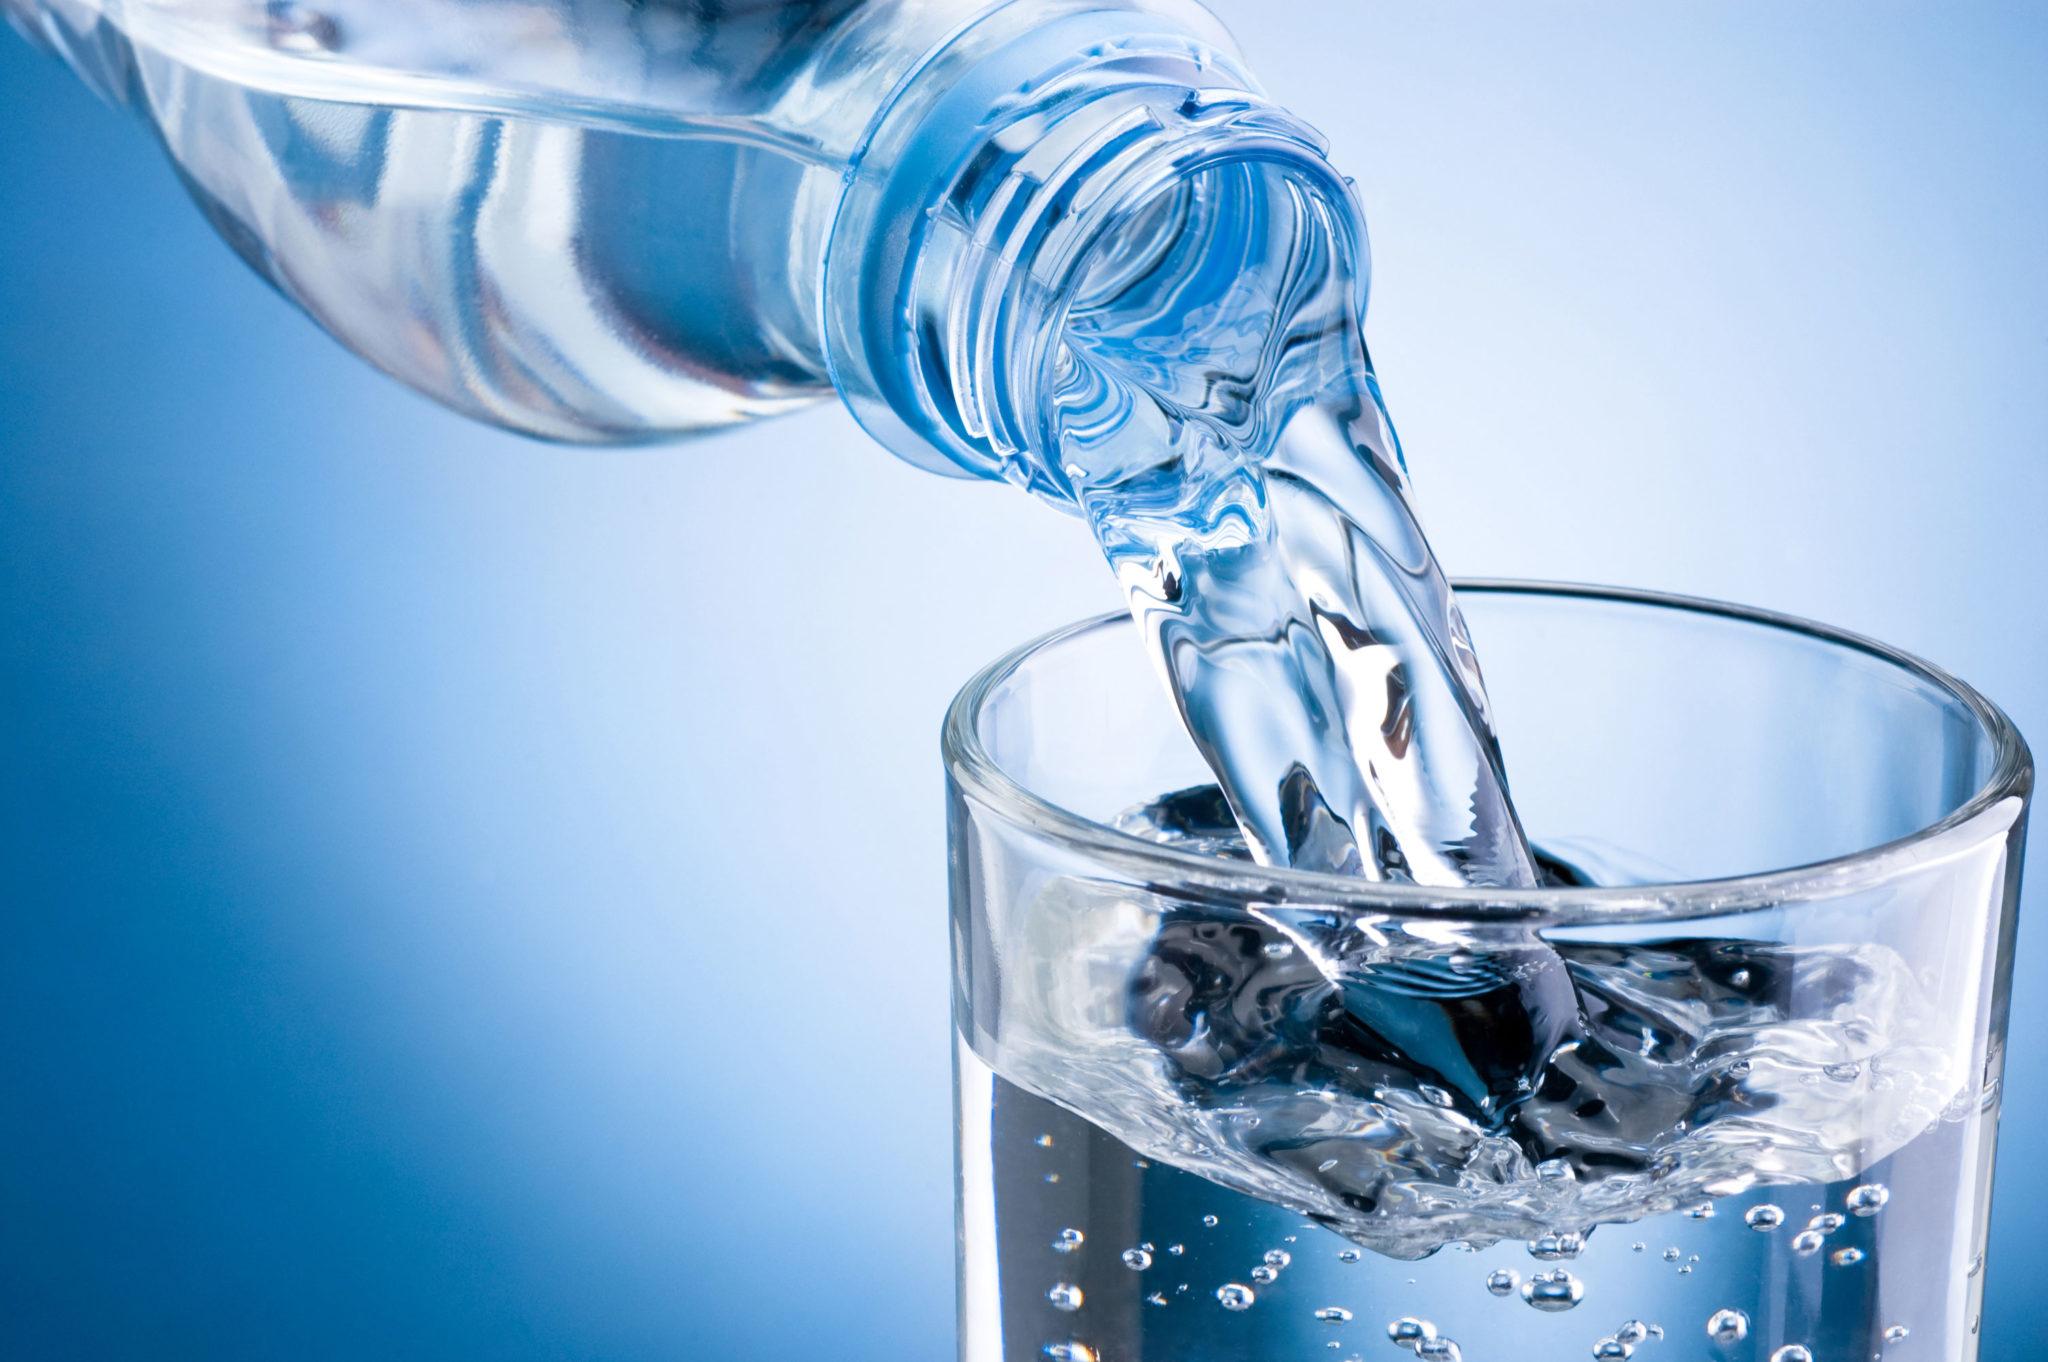 Banyakkan Minum Air Cara Untuk Tambah Susu Badan